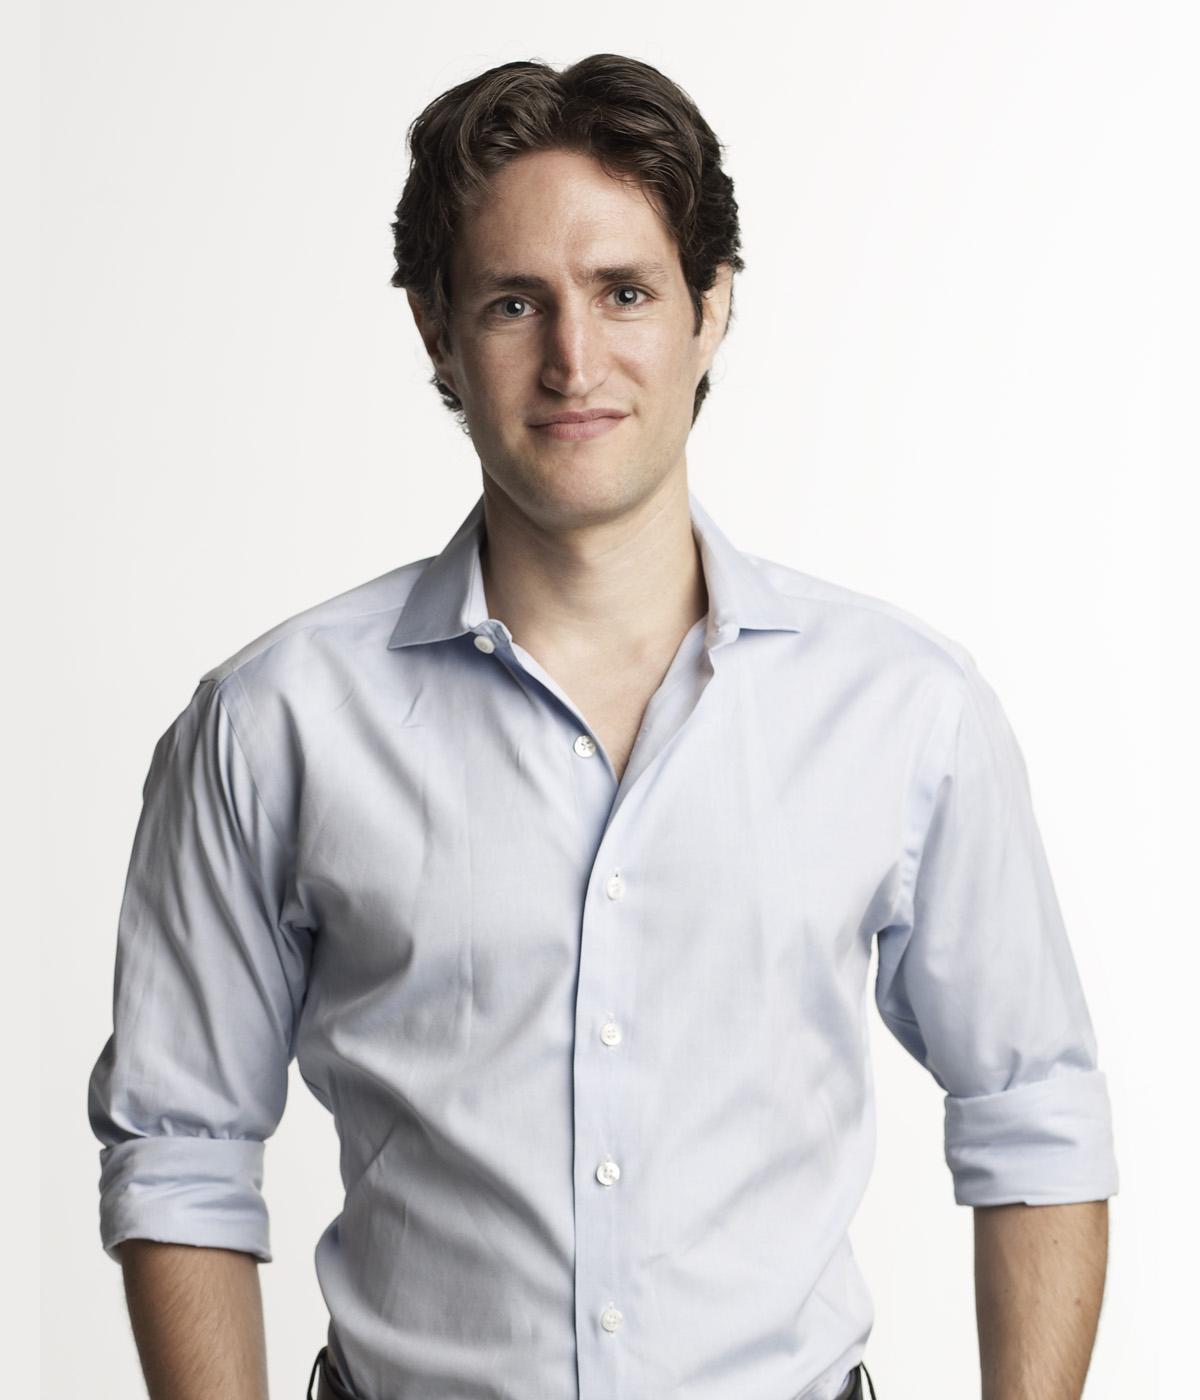 Adam Alter